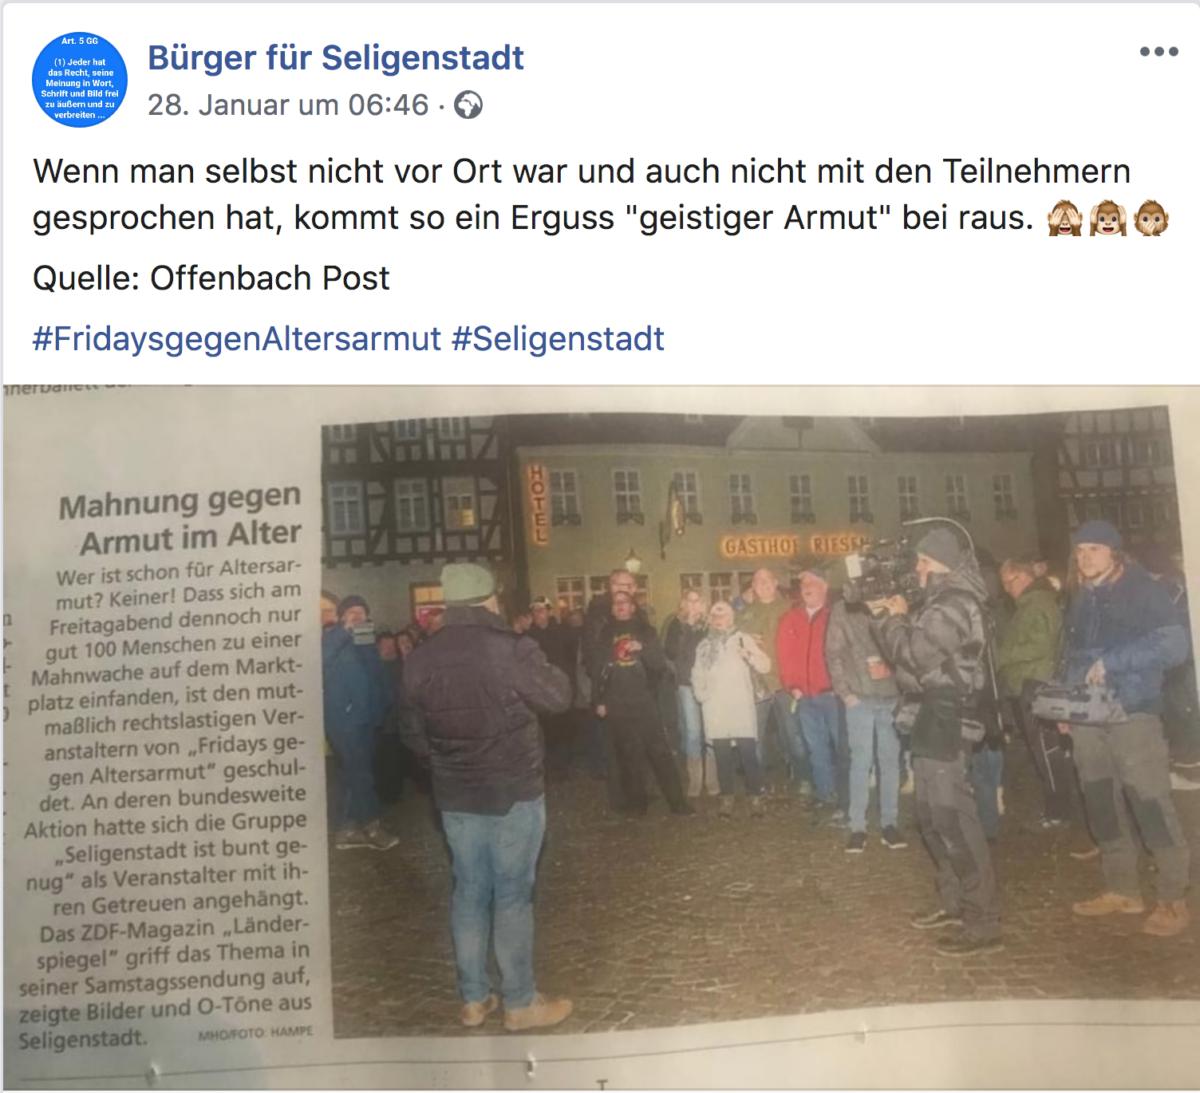 Bürger für Seligenstadt,BfS pic_20977